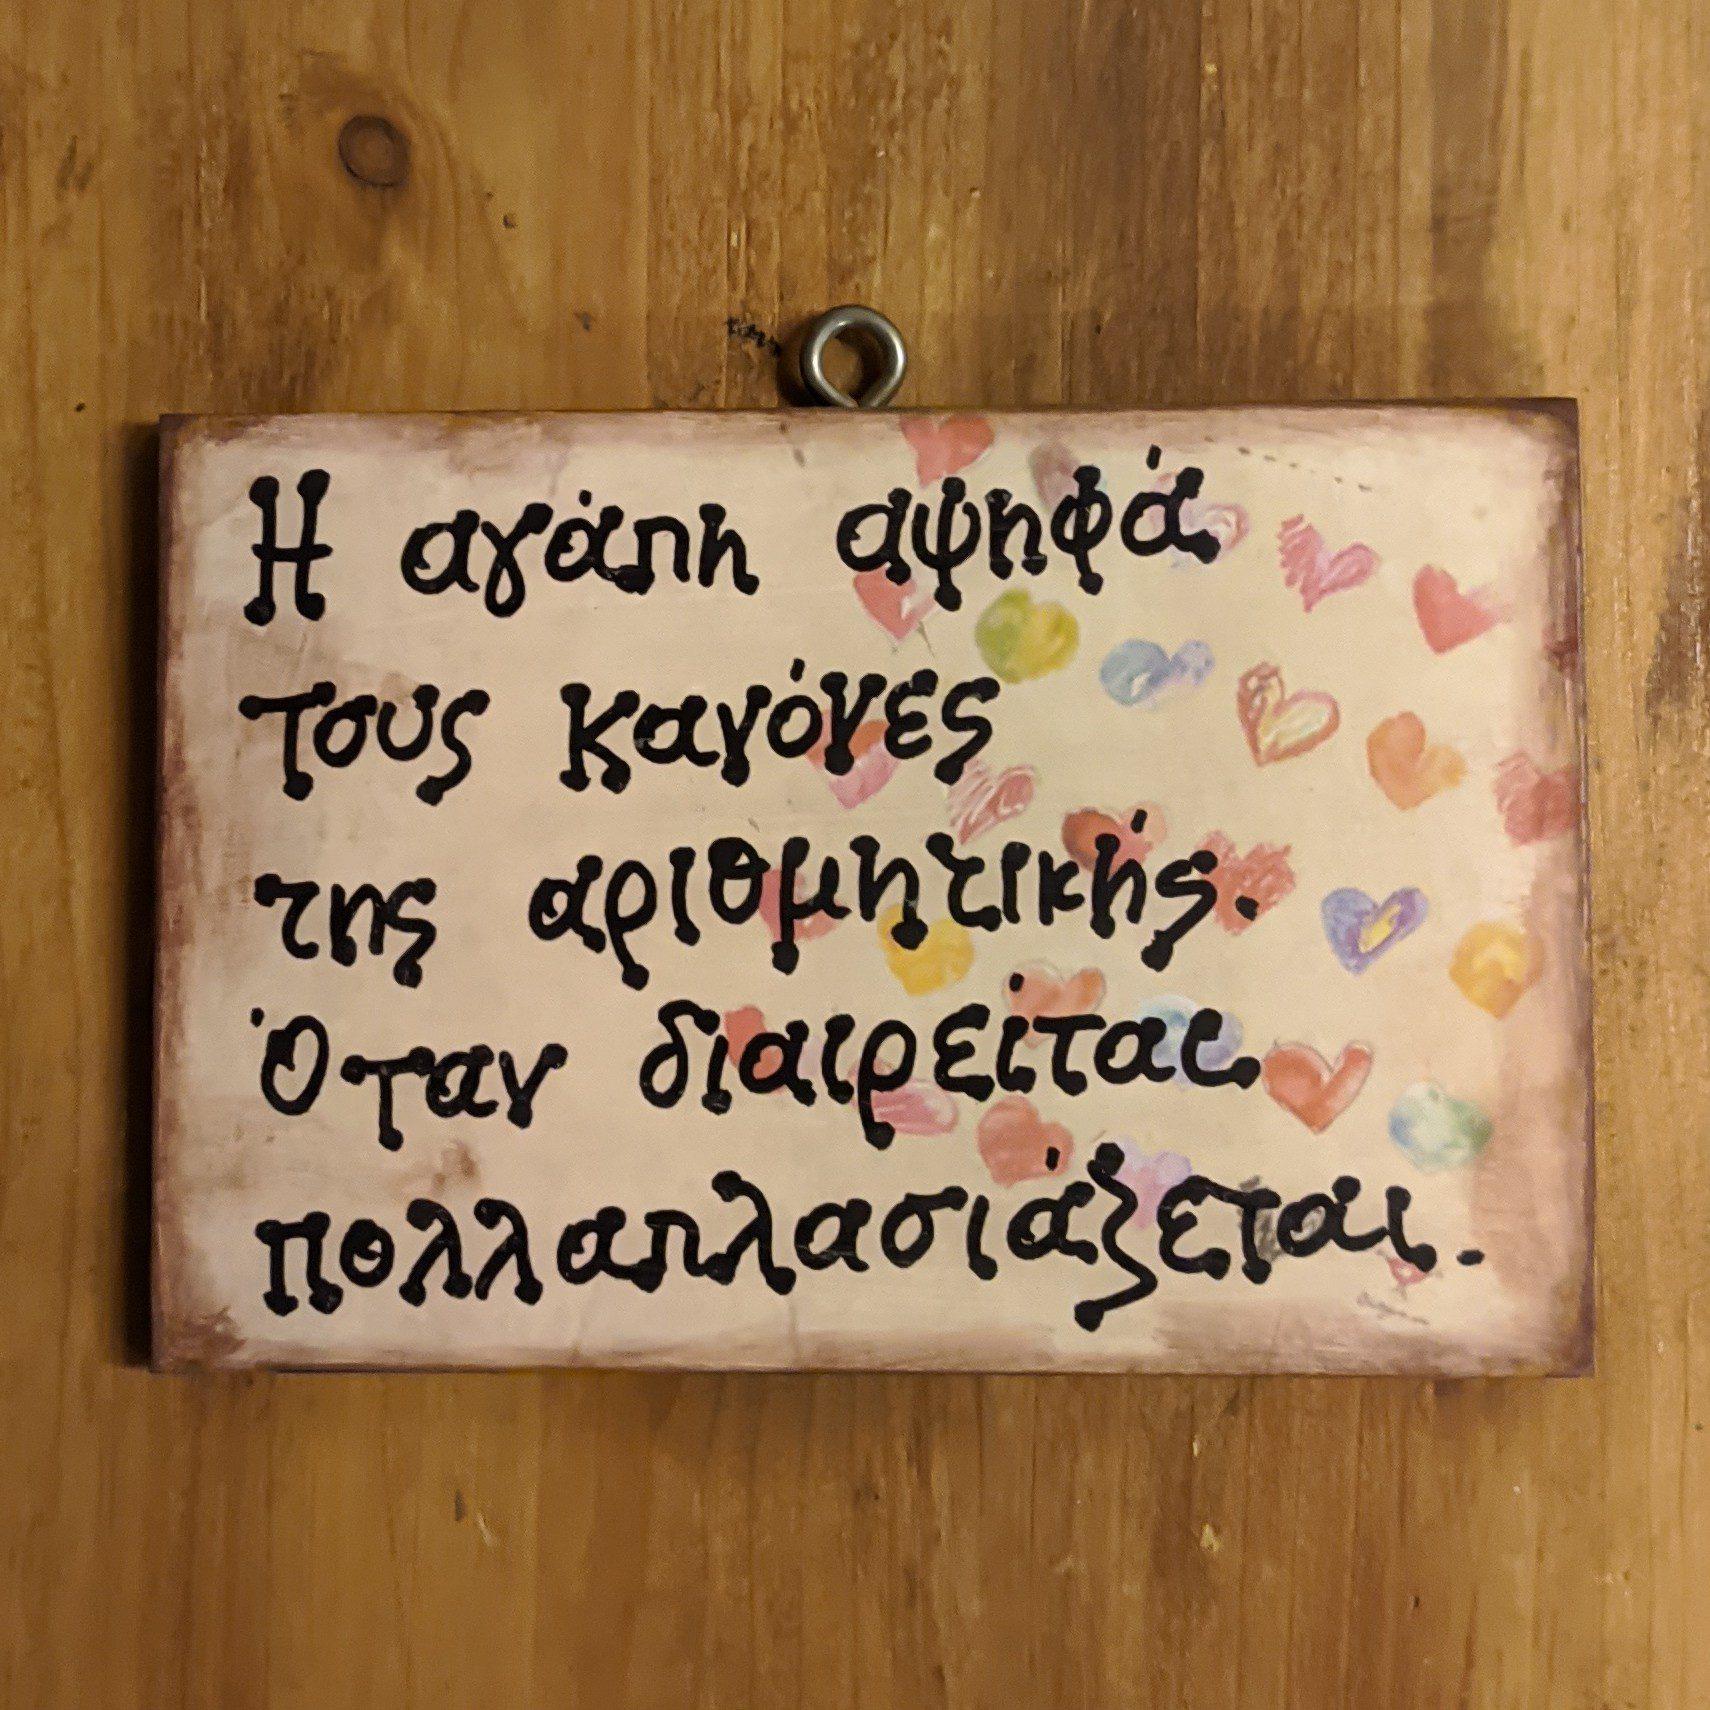 Η αγάπη αψηφά τους κανόνες